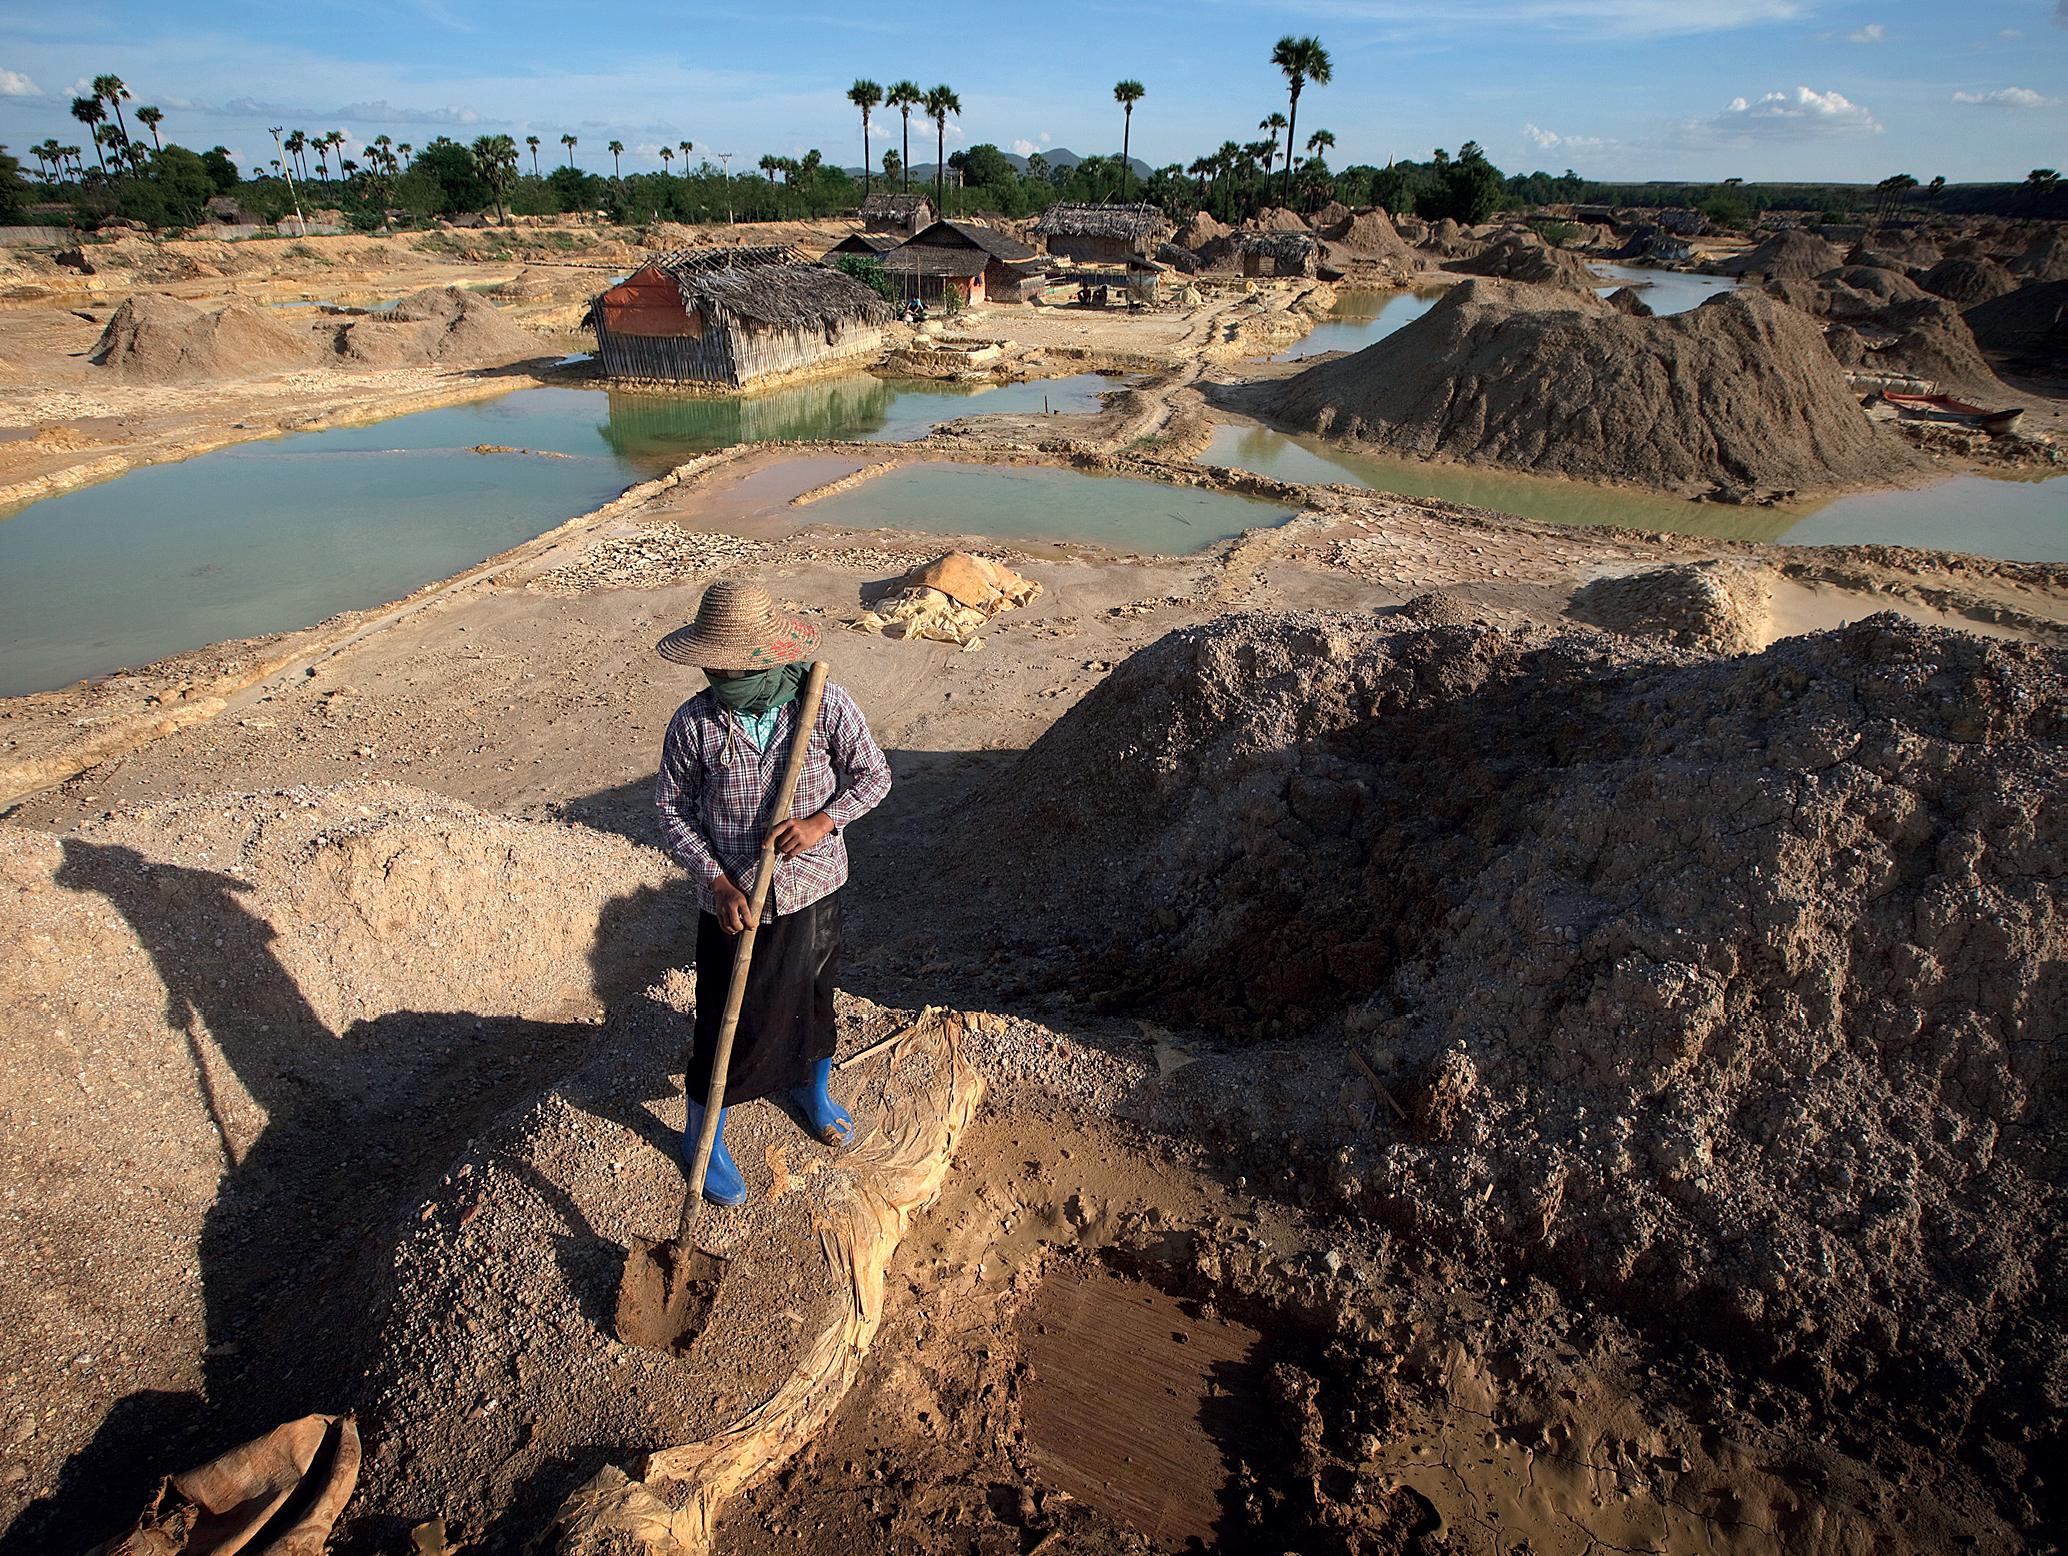 Maanviljelijä lapioi viime vuonna kuparikaivoksen jätteitä Myanmarin Monywassa toiveenaan löytää ylijäämämetallia. // KUVA: KUNI TAKAHASHI/GETTY IMAGES/ALL OVER PRESS